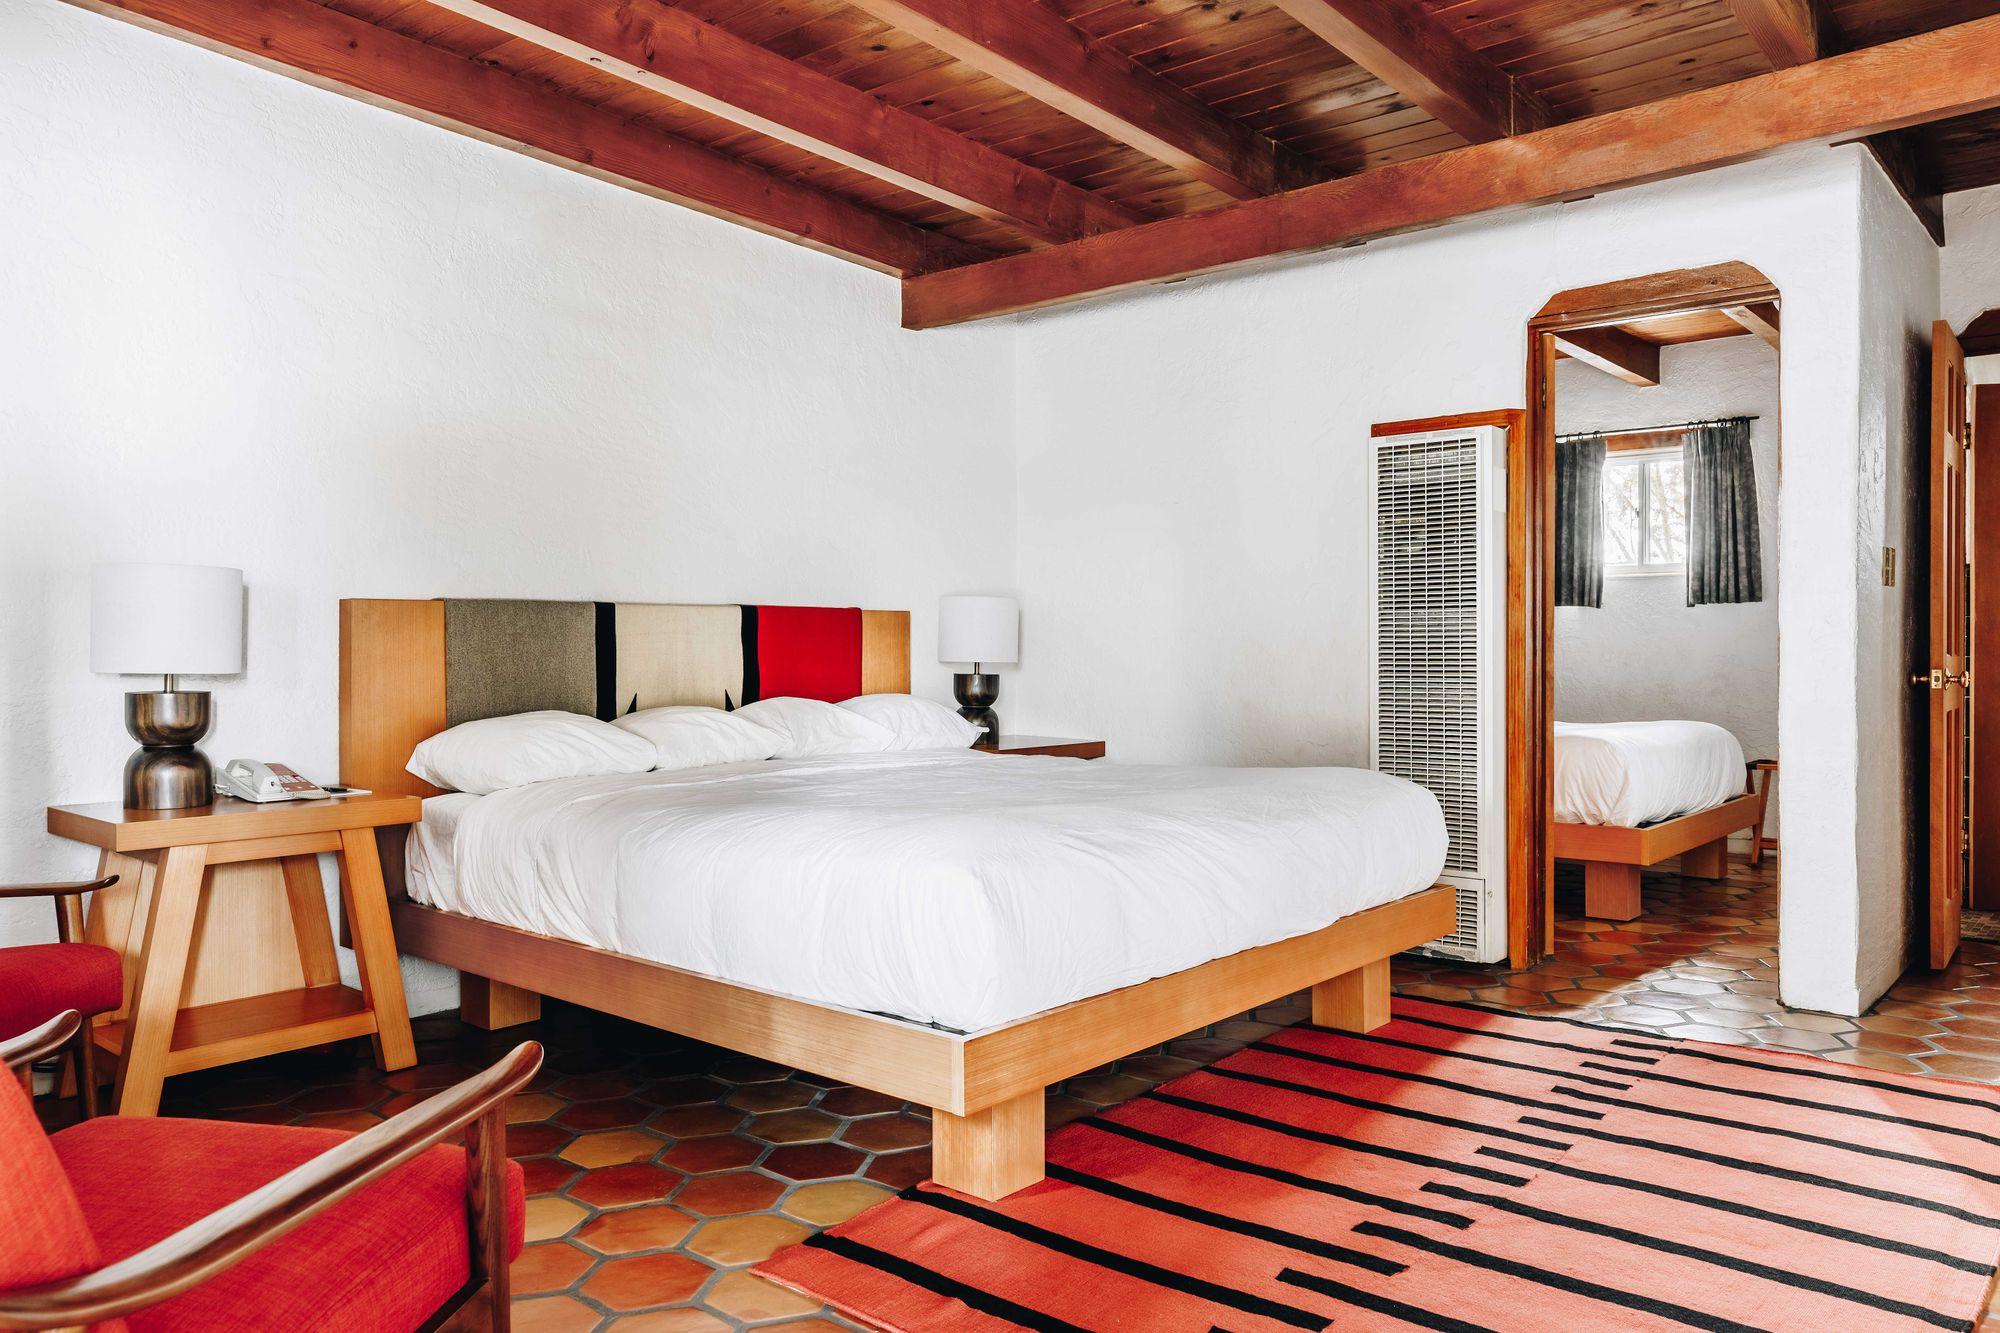 El_Rey_rooms-6_v1_current-min.jpg